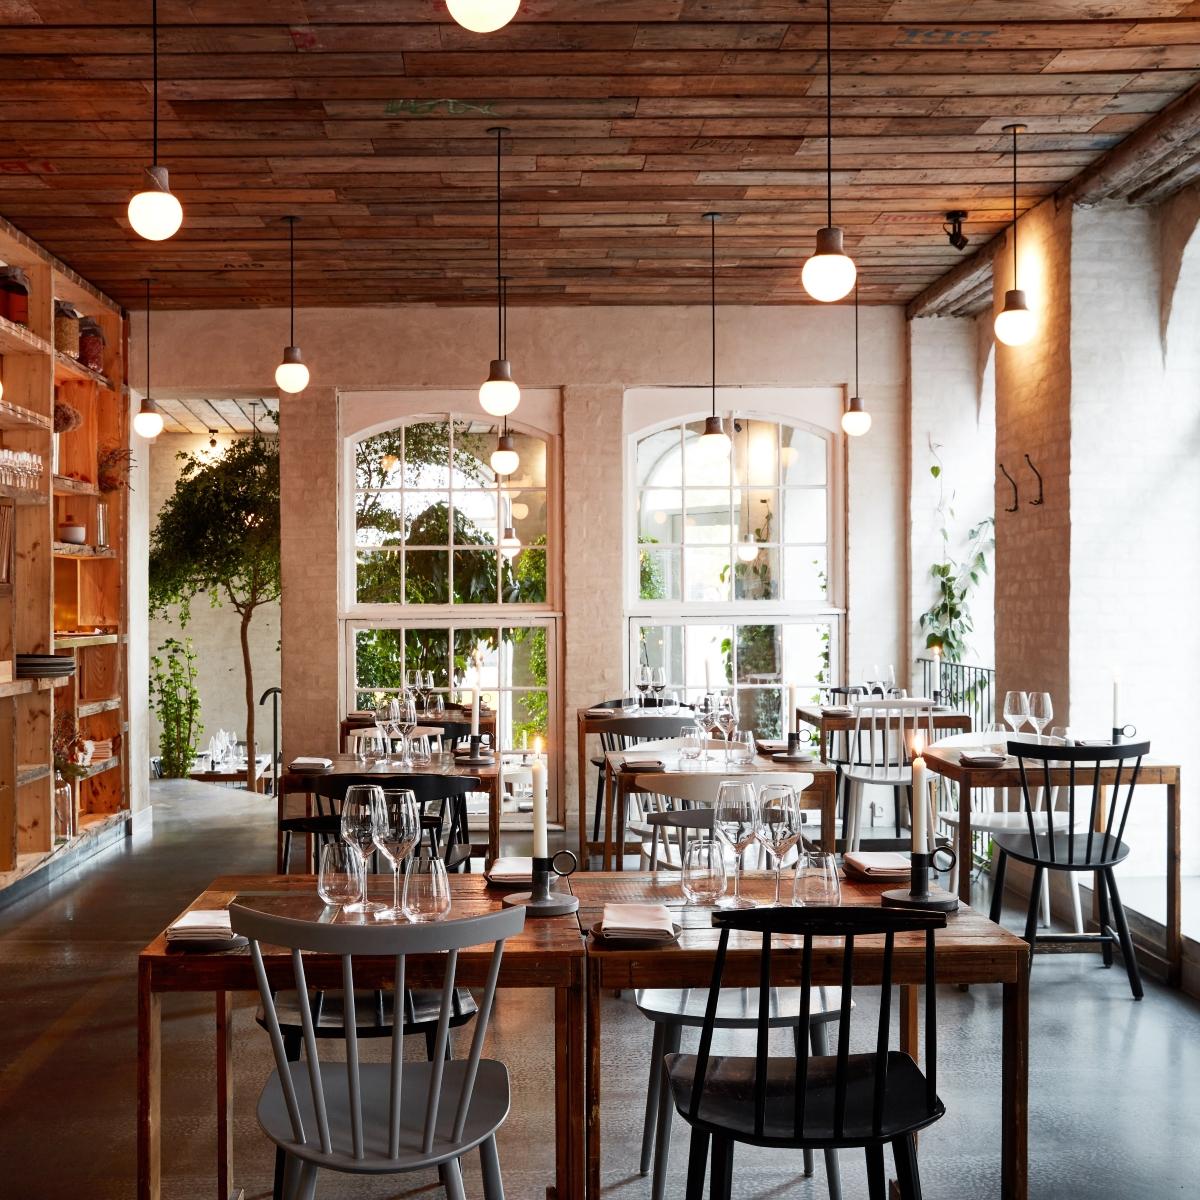 Høst_Restaurant in Kopenhagen_Interieur